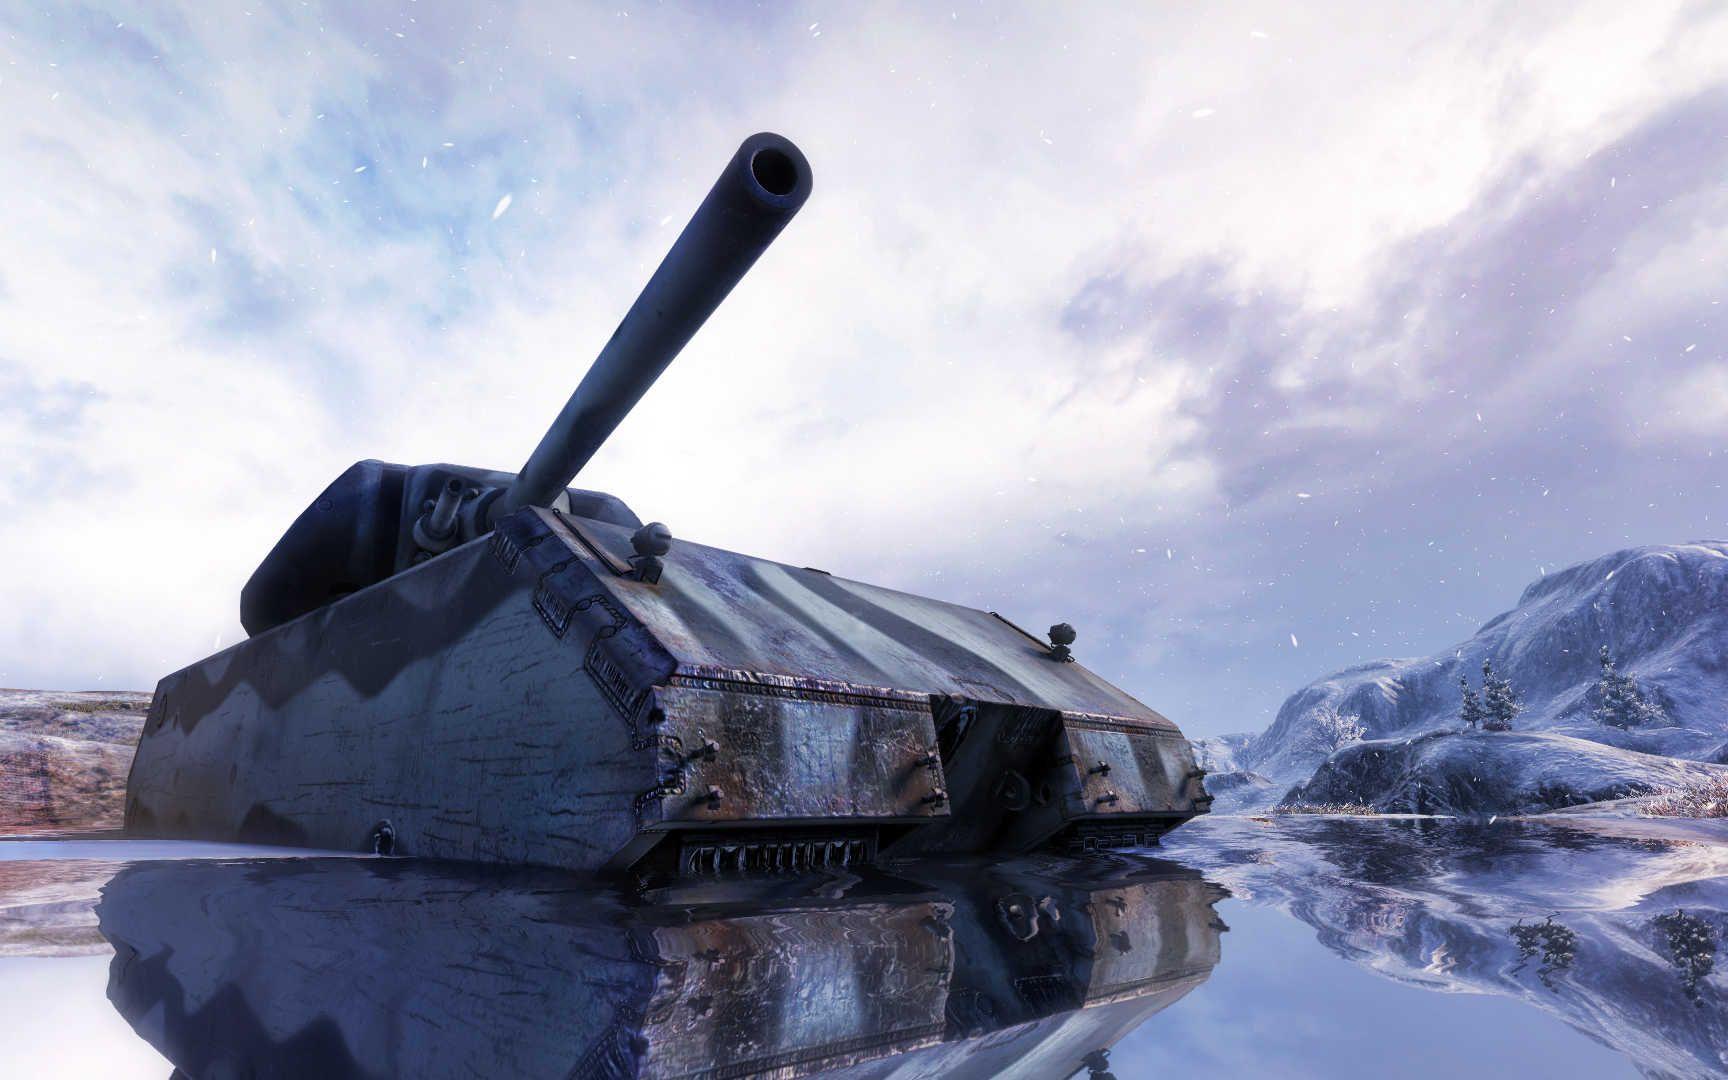 刘华风:鼠式坦克-测试(未剪辑版本)